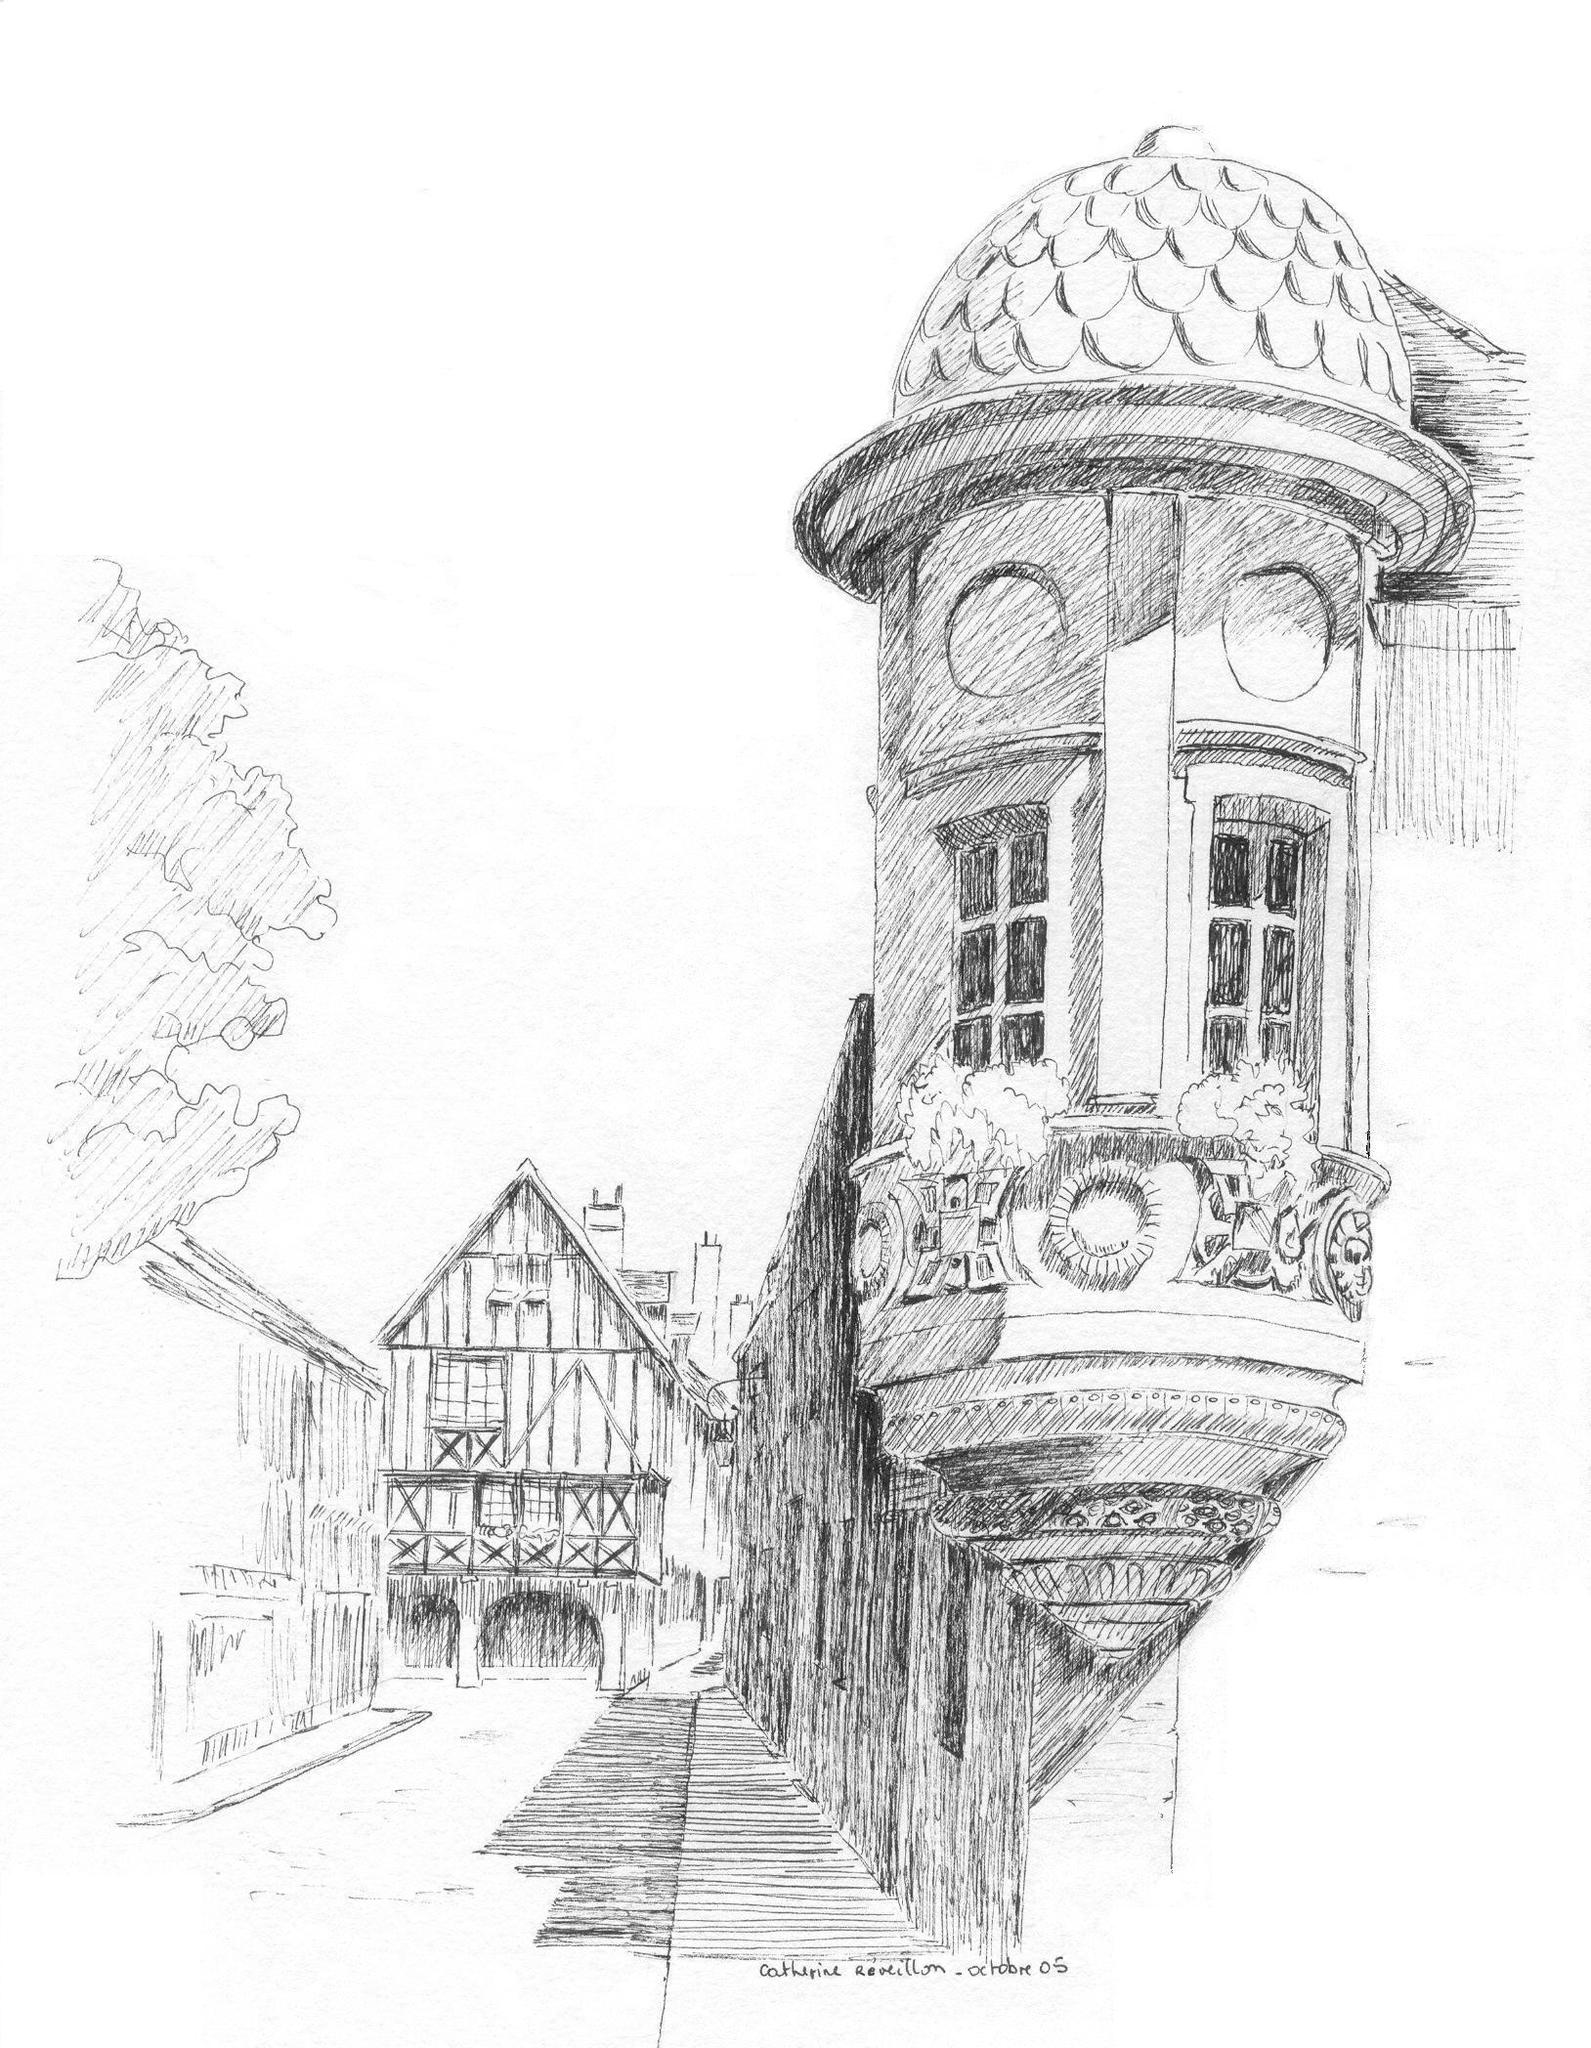 Maison En Ruine Dessin maison en ruine - photo de dessins - les créations de catherine